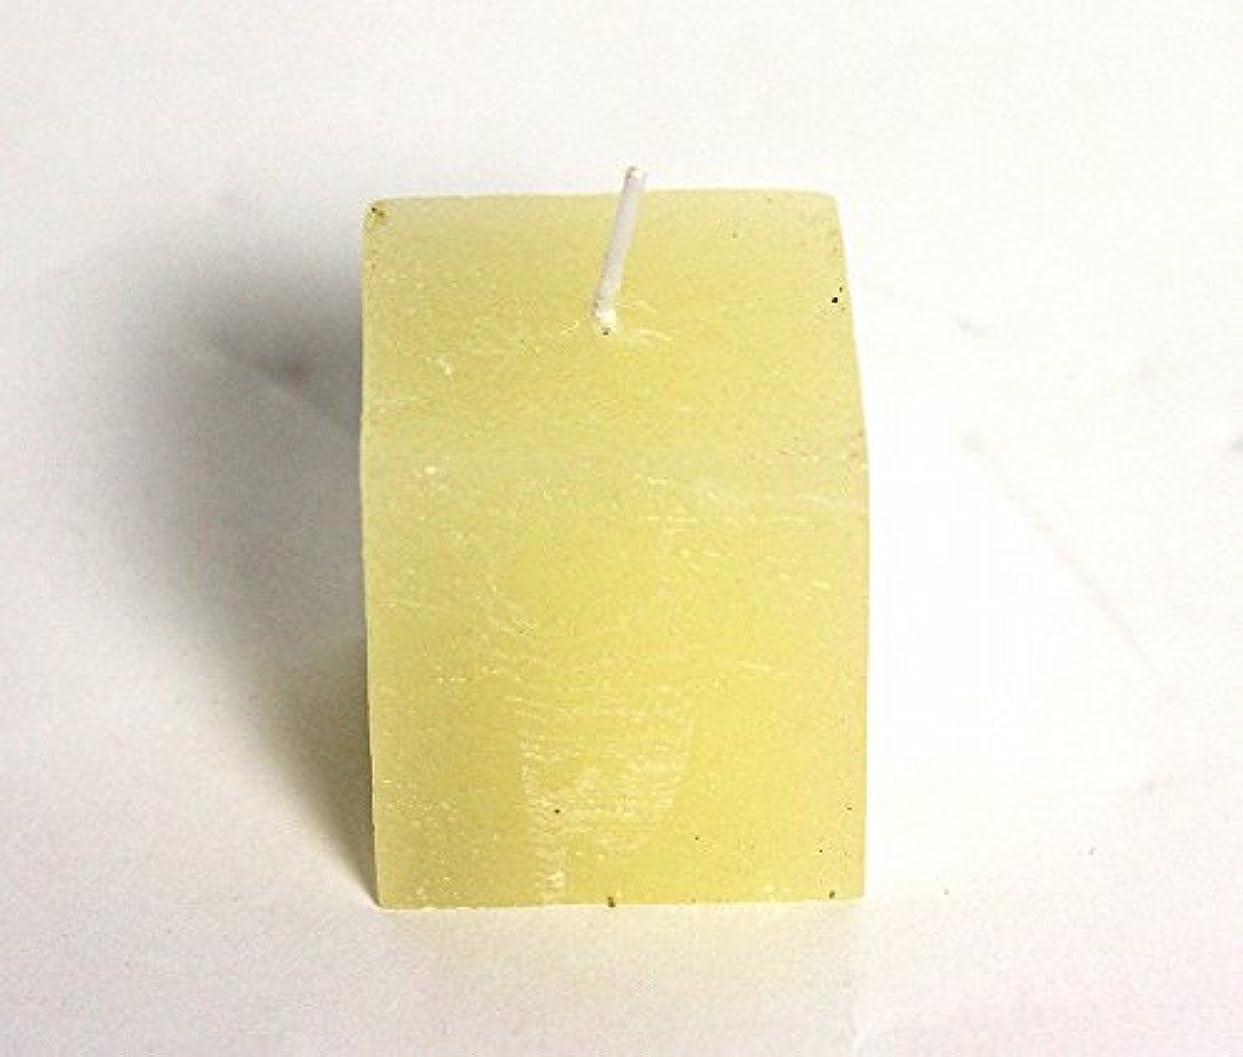 用心深いバンカー下カメヤマキャンドル( kameyama candle ) ラスティクミニキューブ 「 アイボリー 」